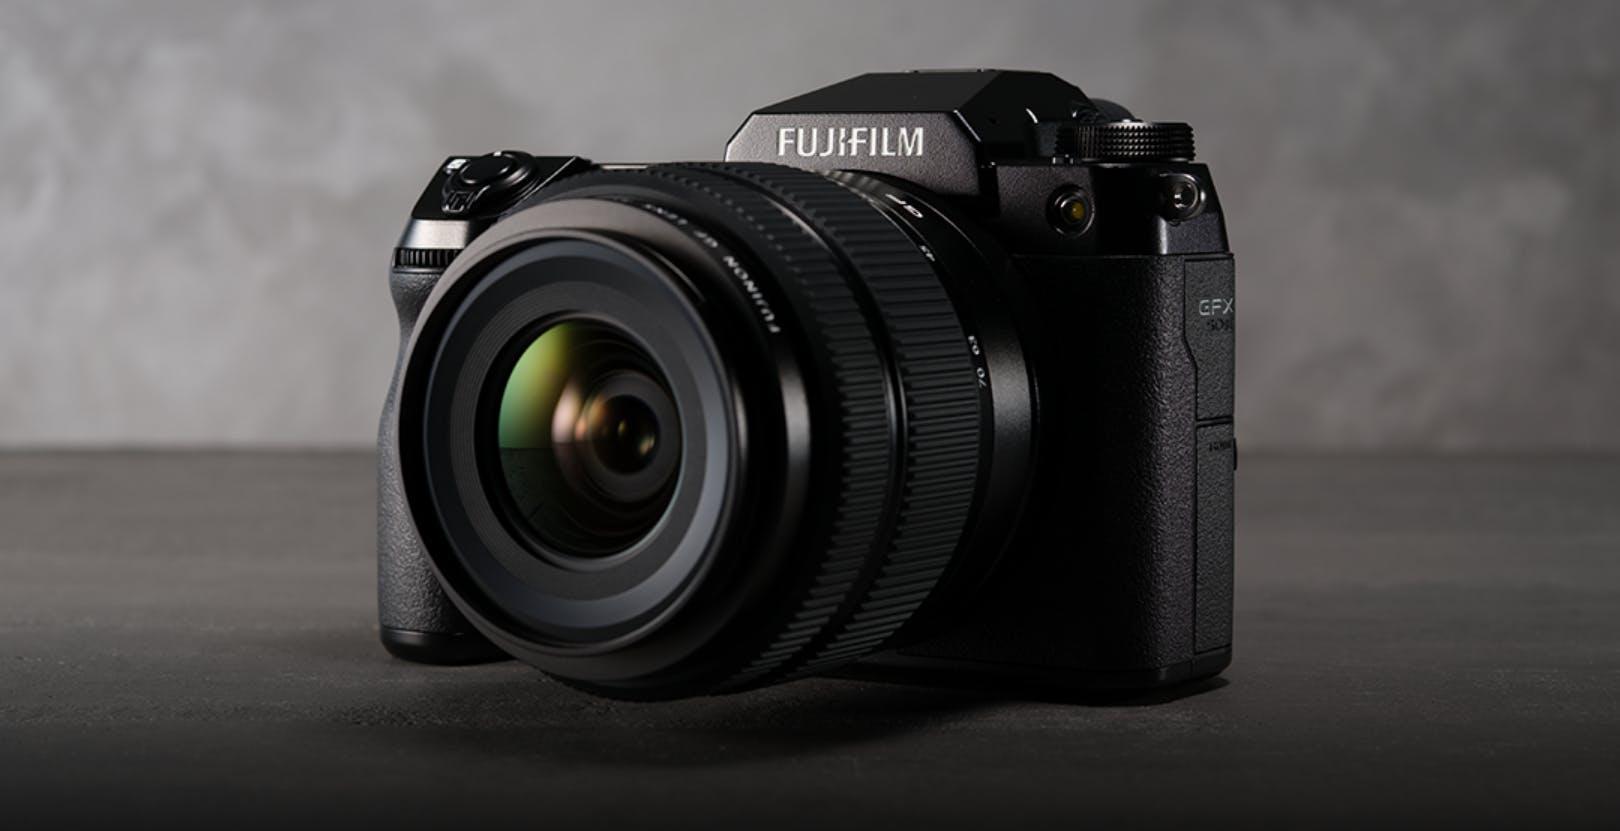 Fujifilm mostra la sua strada: medio formato GFX50S II con IBIS e macchine APS-C serie X avanti tutta